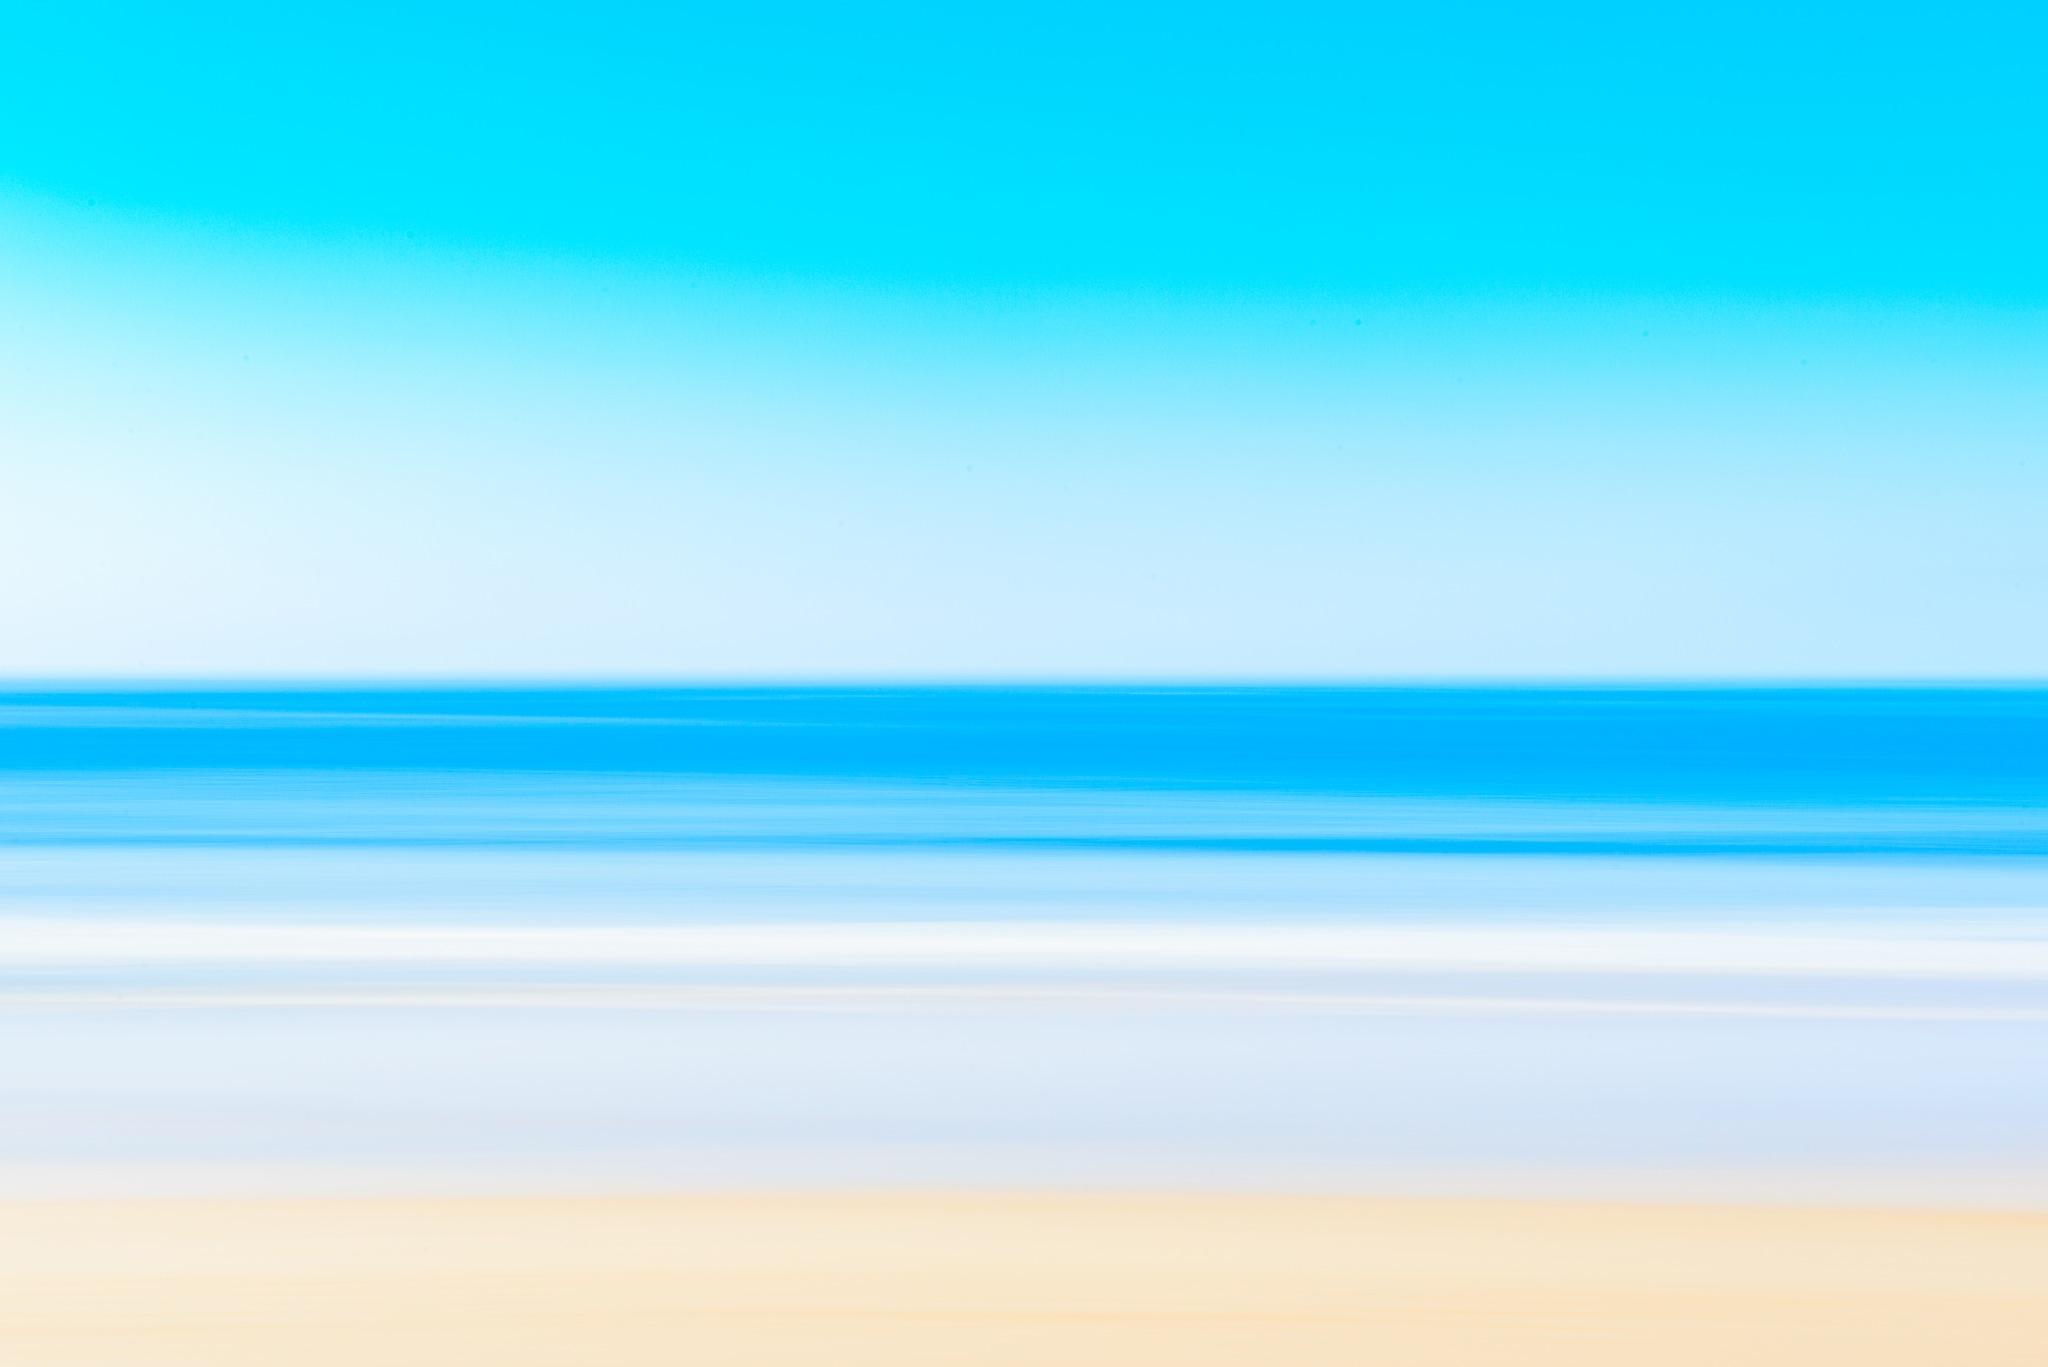 Blue World 2 by Marcel Weichert